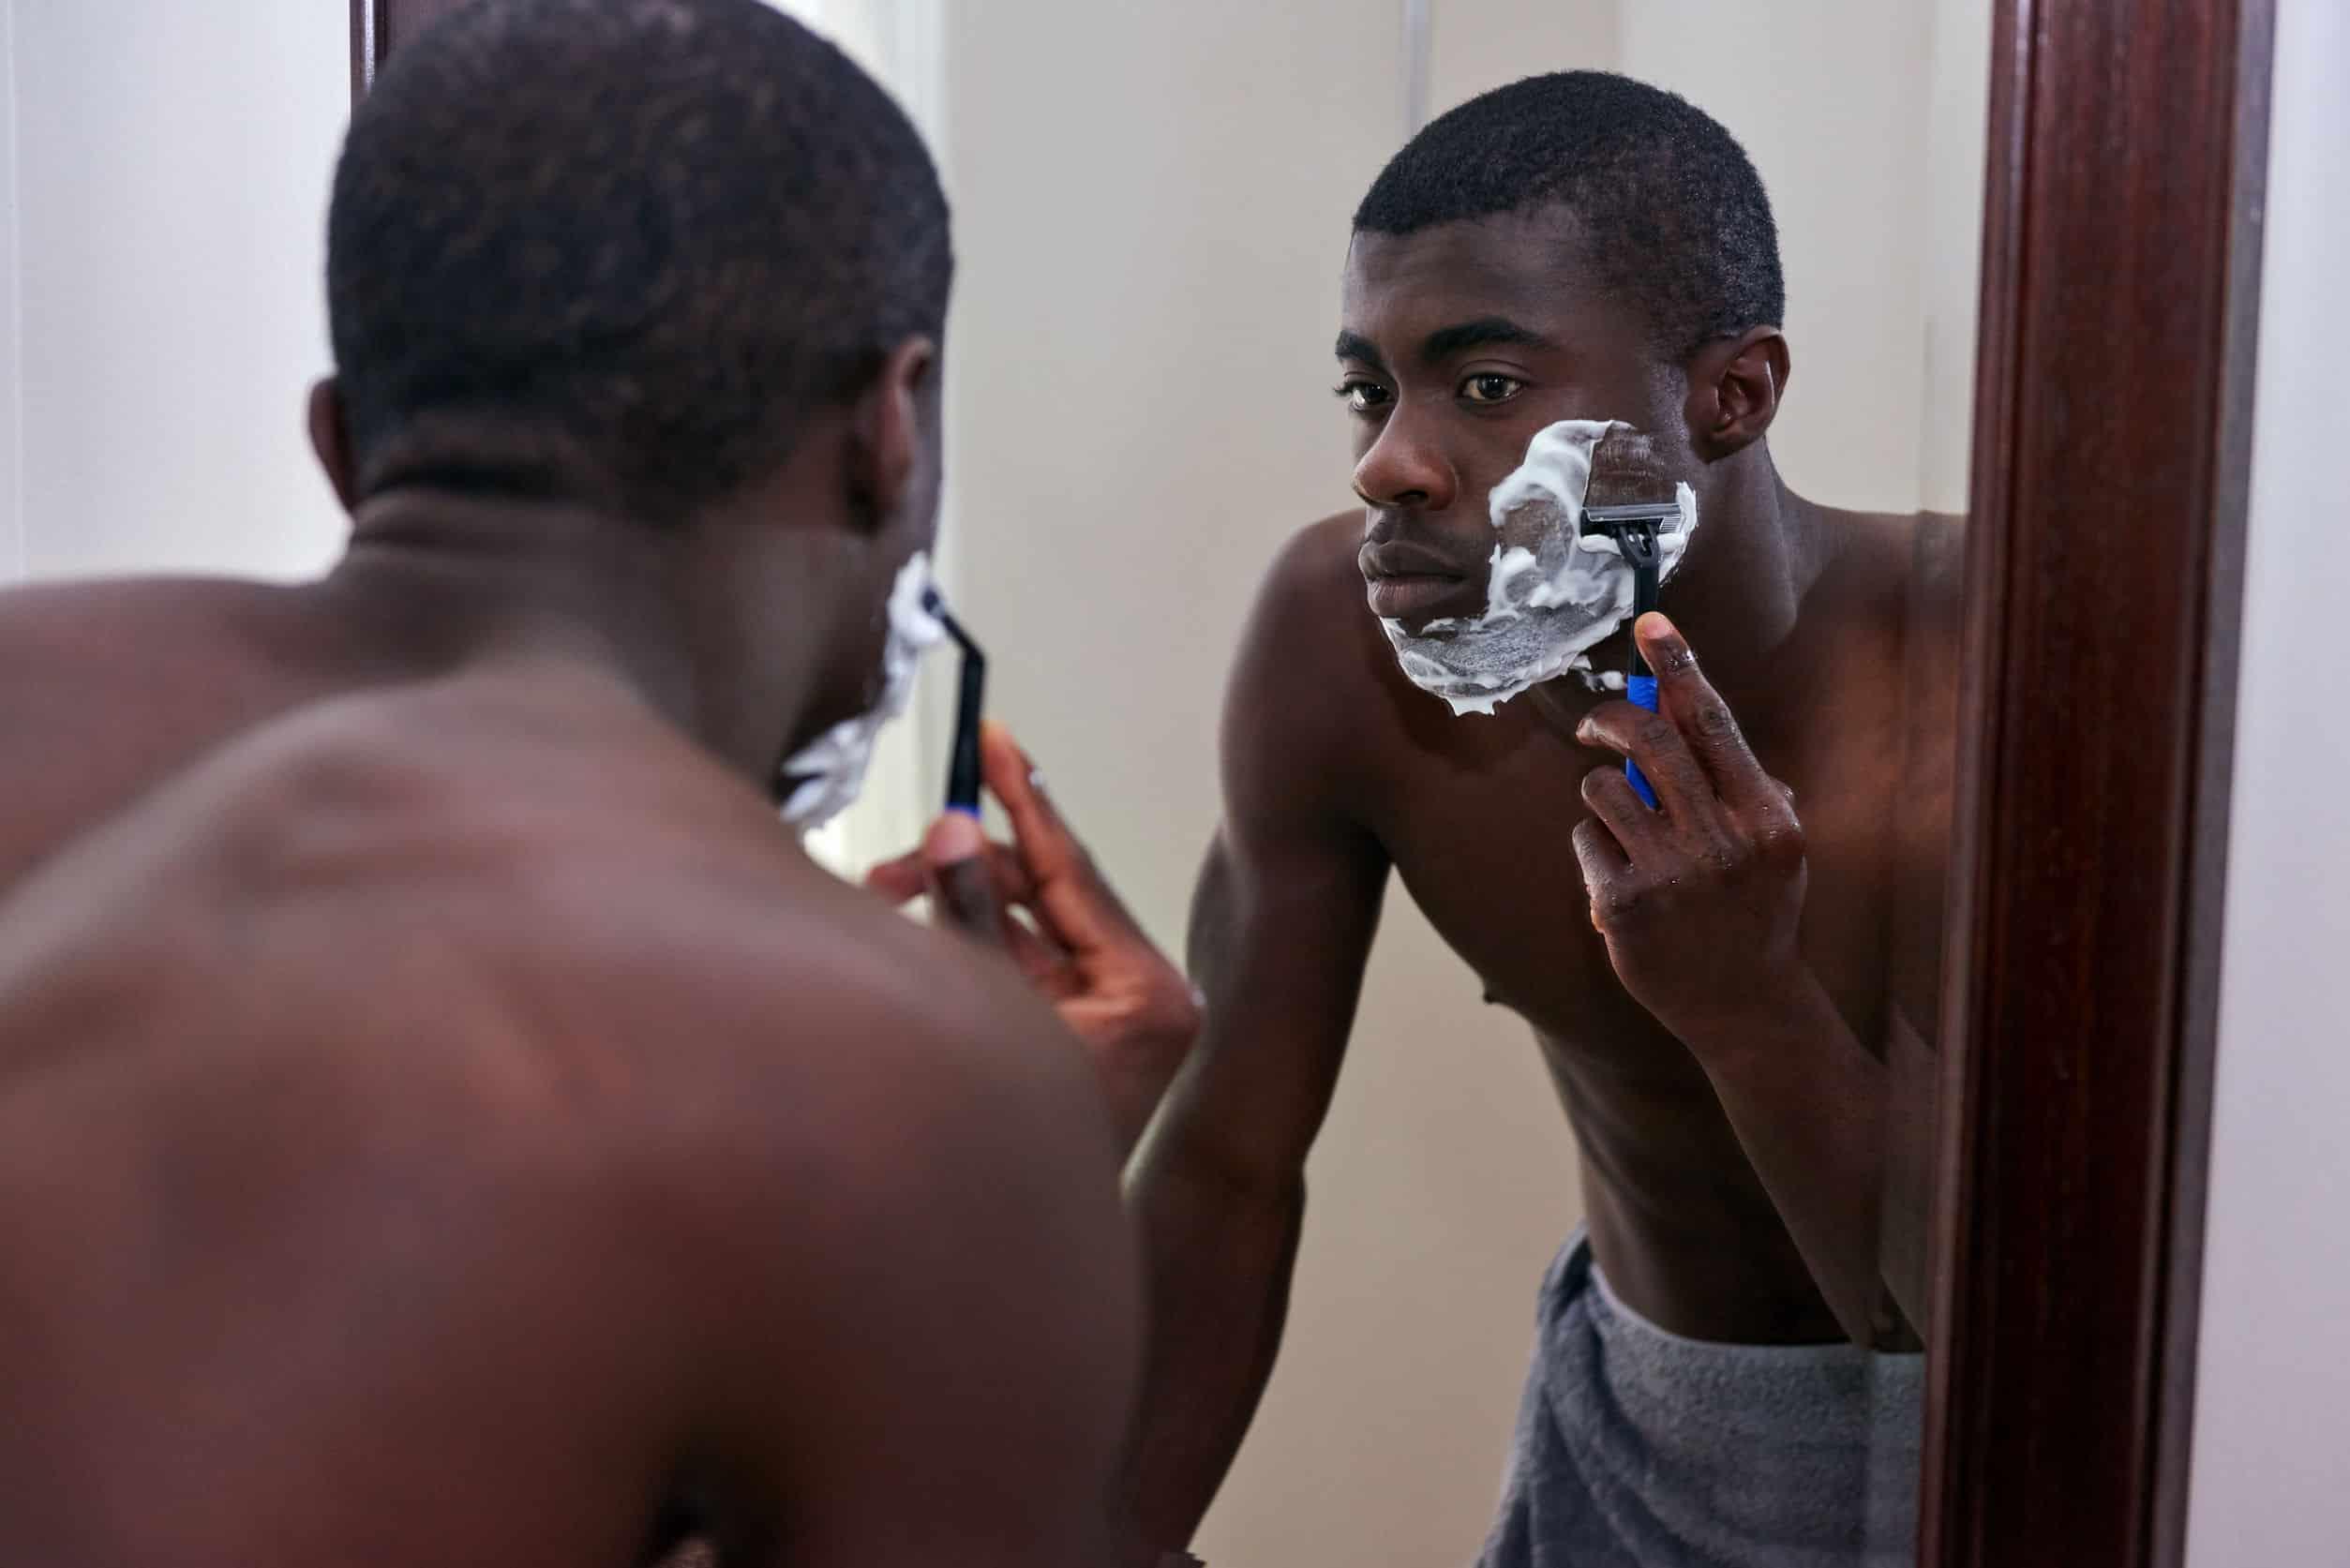 Imagem mostra homem se barbeando, com uma lâmina no lado direito do rosto cheio de espuma de barbear.